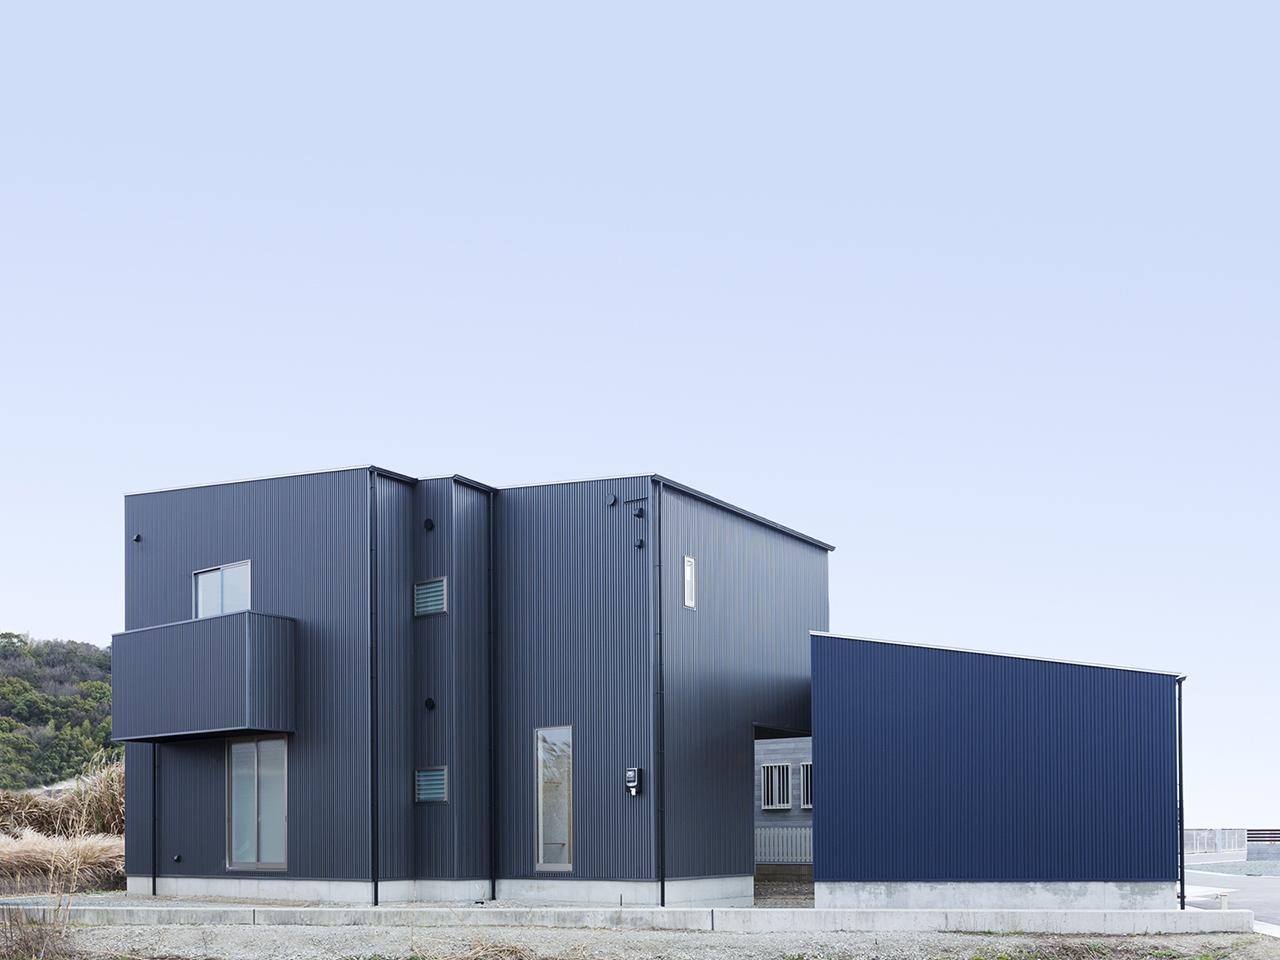 オープンハウス:「川沿いに建つ片流れ屋根の家」を開催いたします。